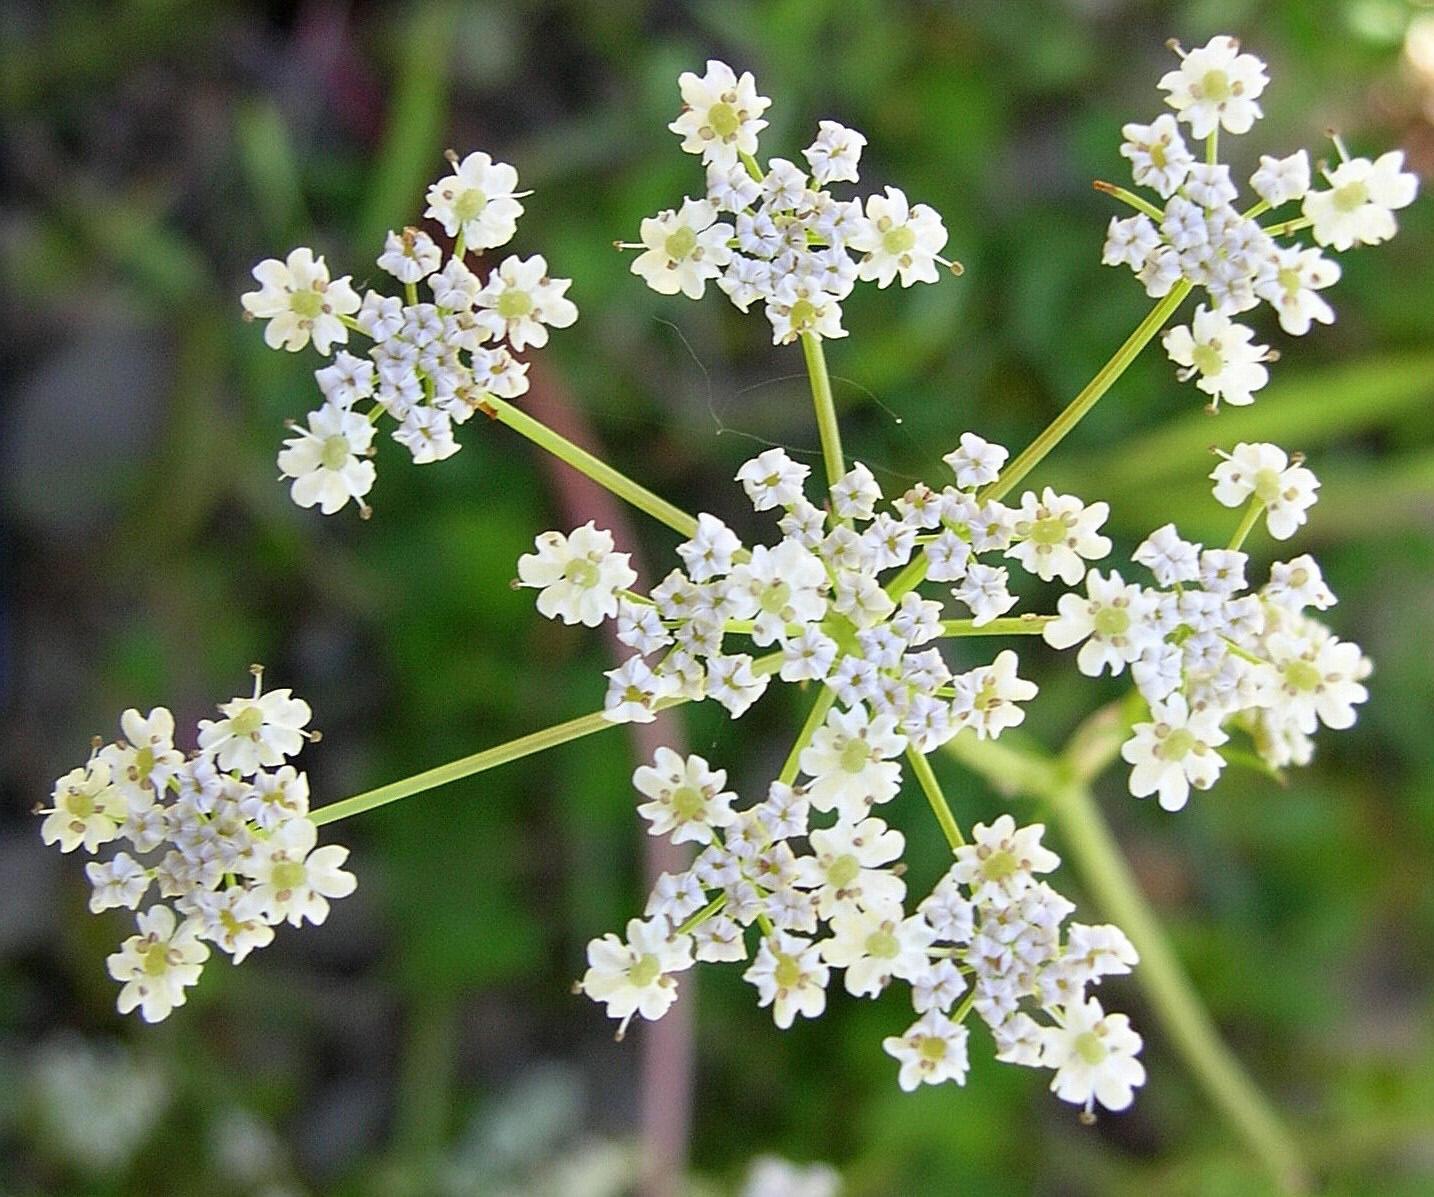 Comino: Cultivo, riego y cosecha